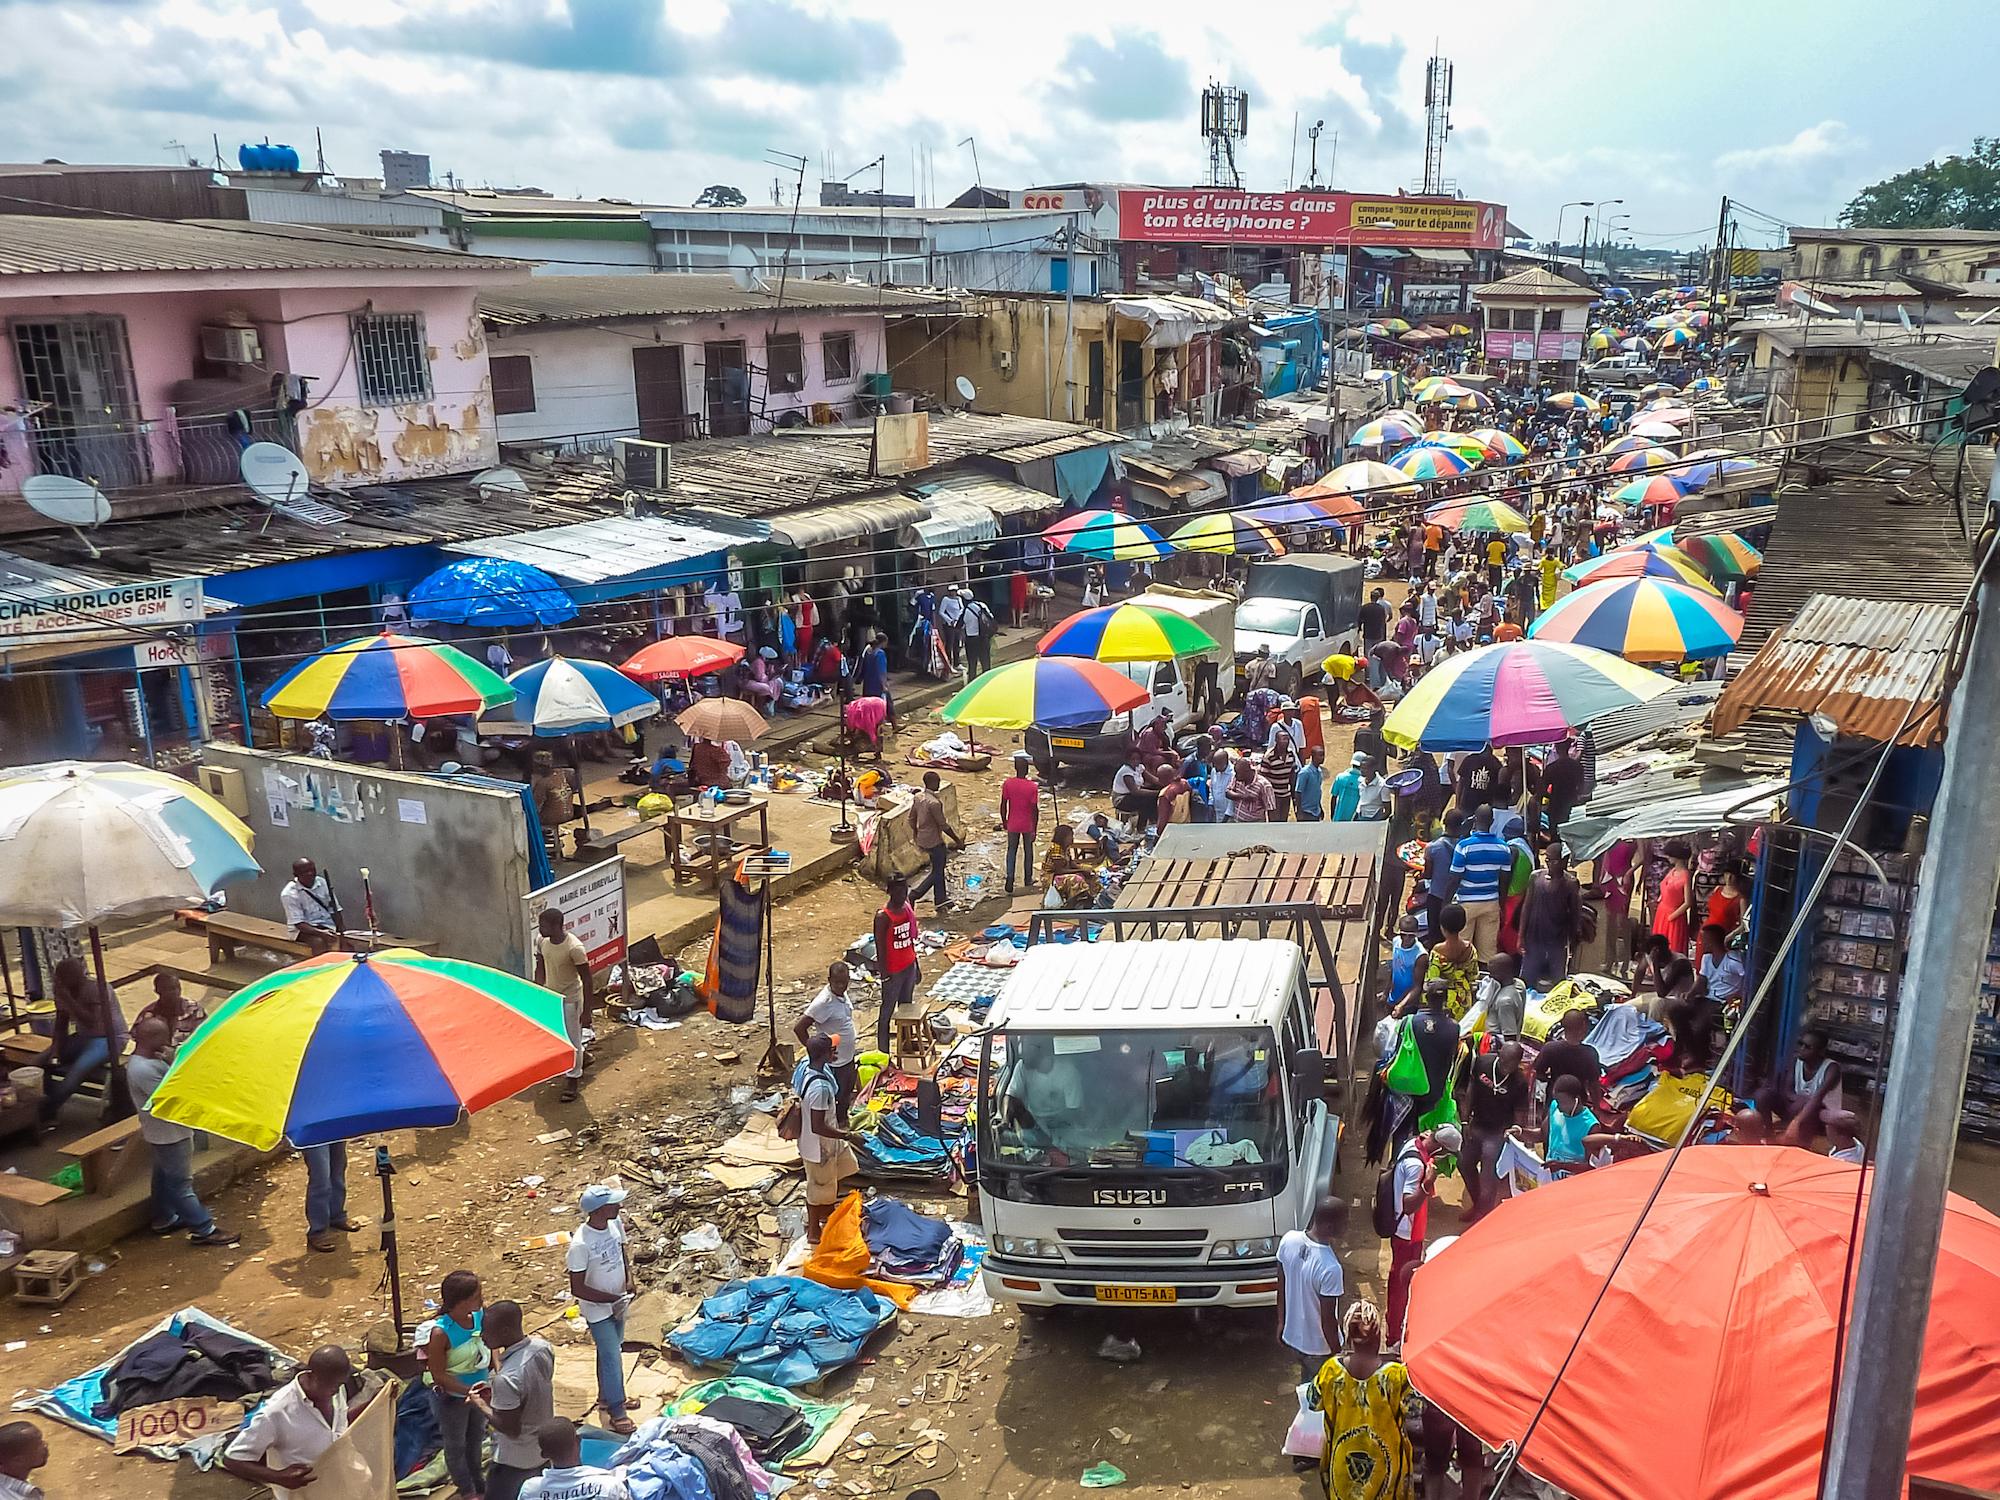 La temperatura de la COVID-19 en los mercados emergentes: Una encuesta para obtener las primeras percepciones sobre el impacto en los medios de vida